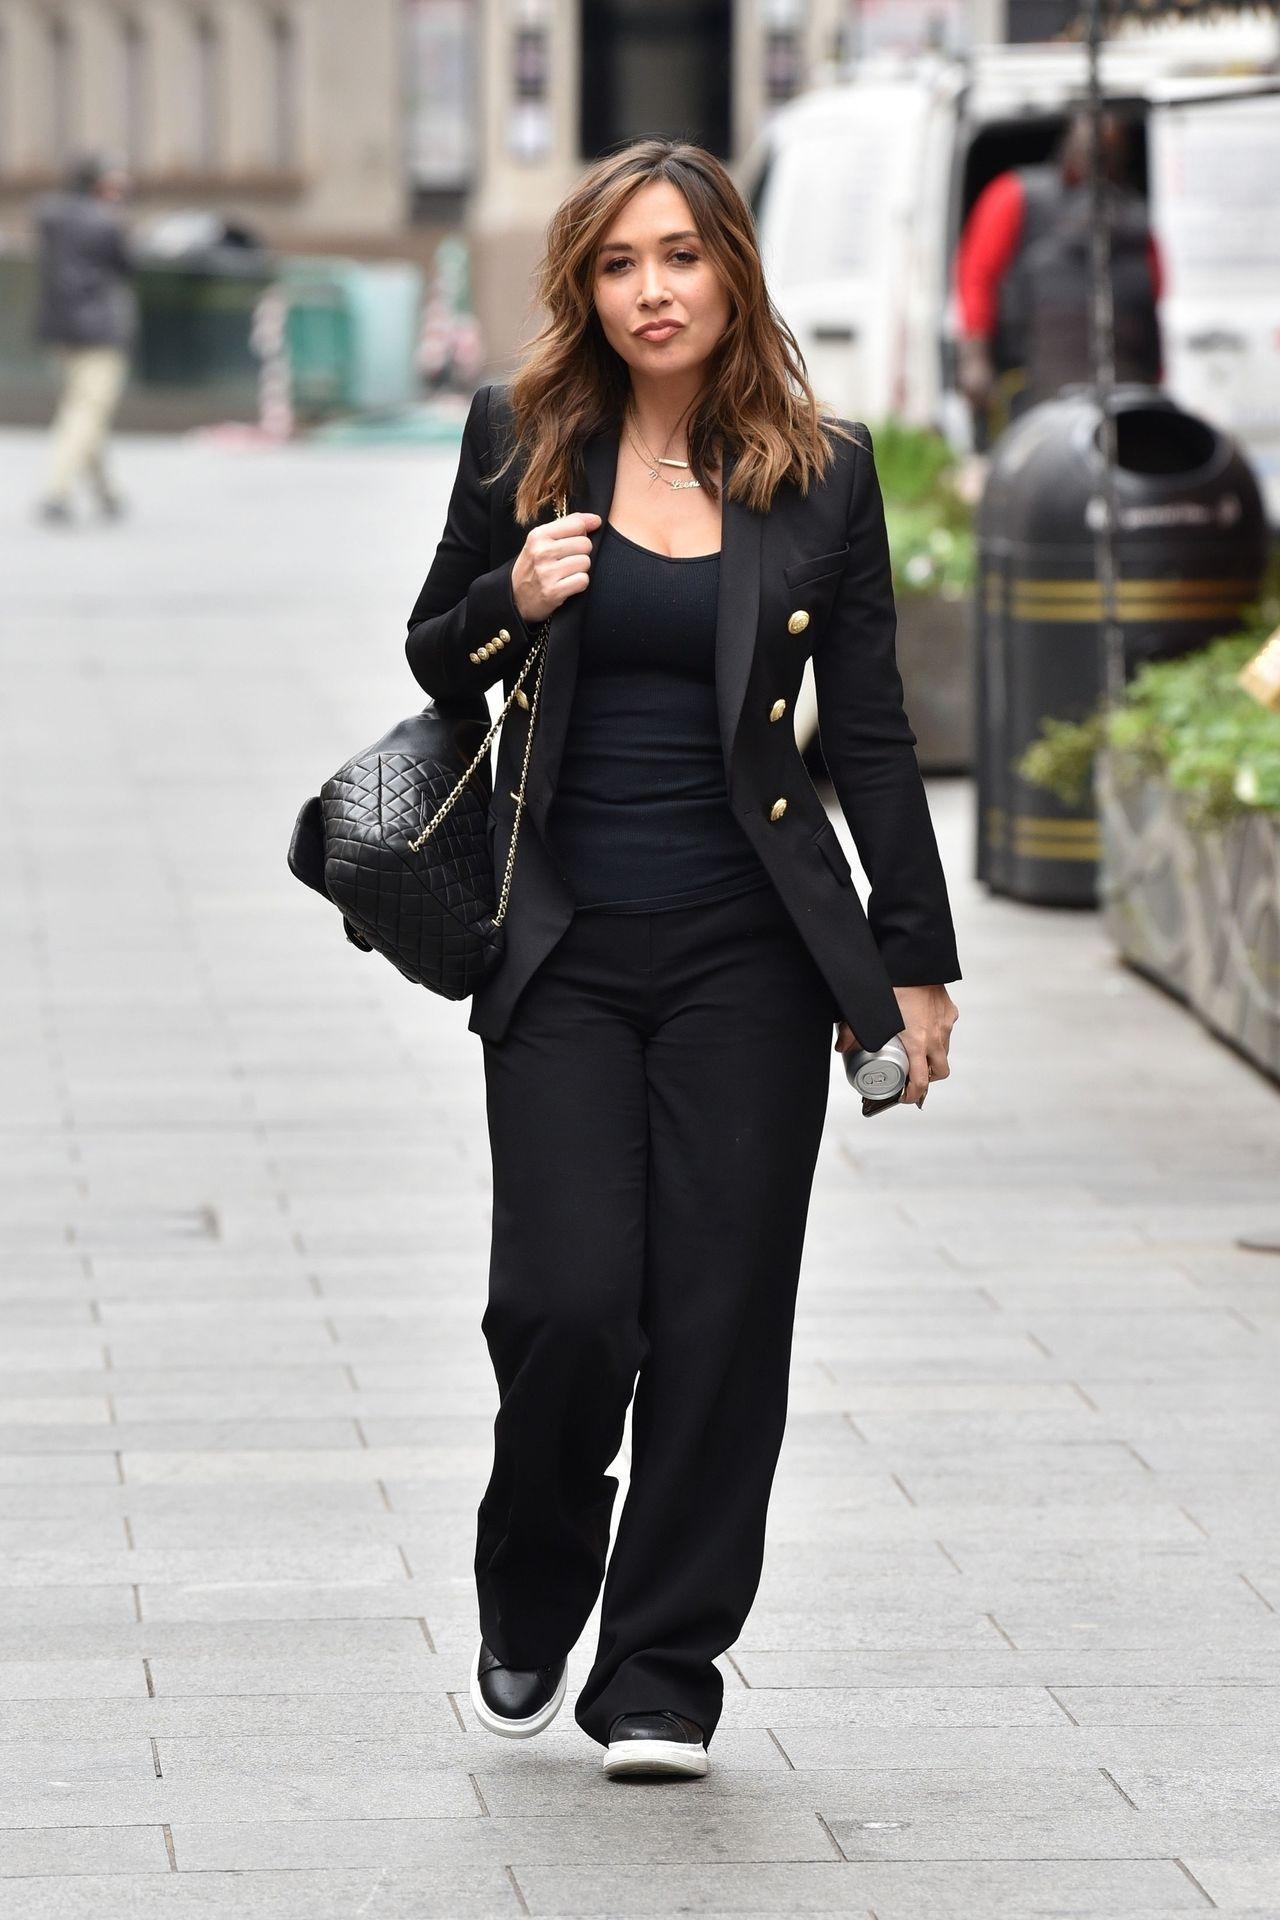 Myleene Klass Looks Hot In All Black In London 0008